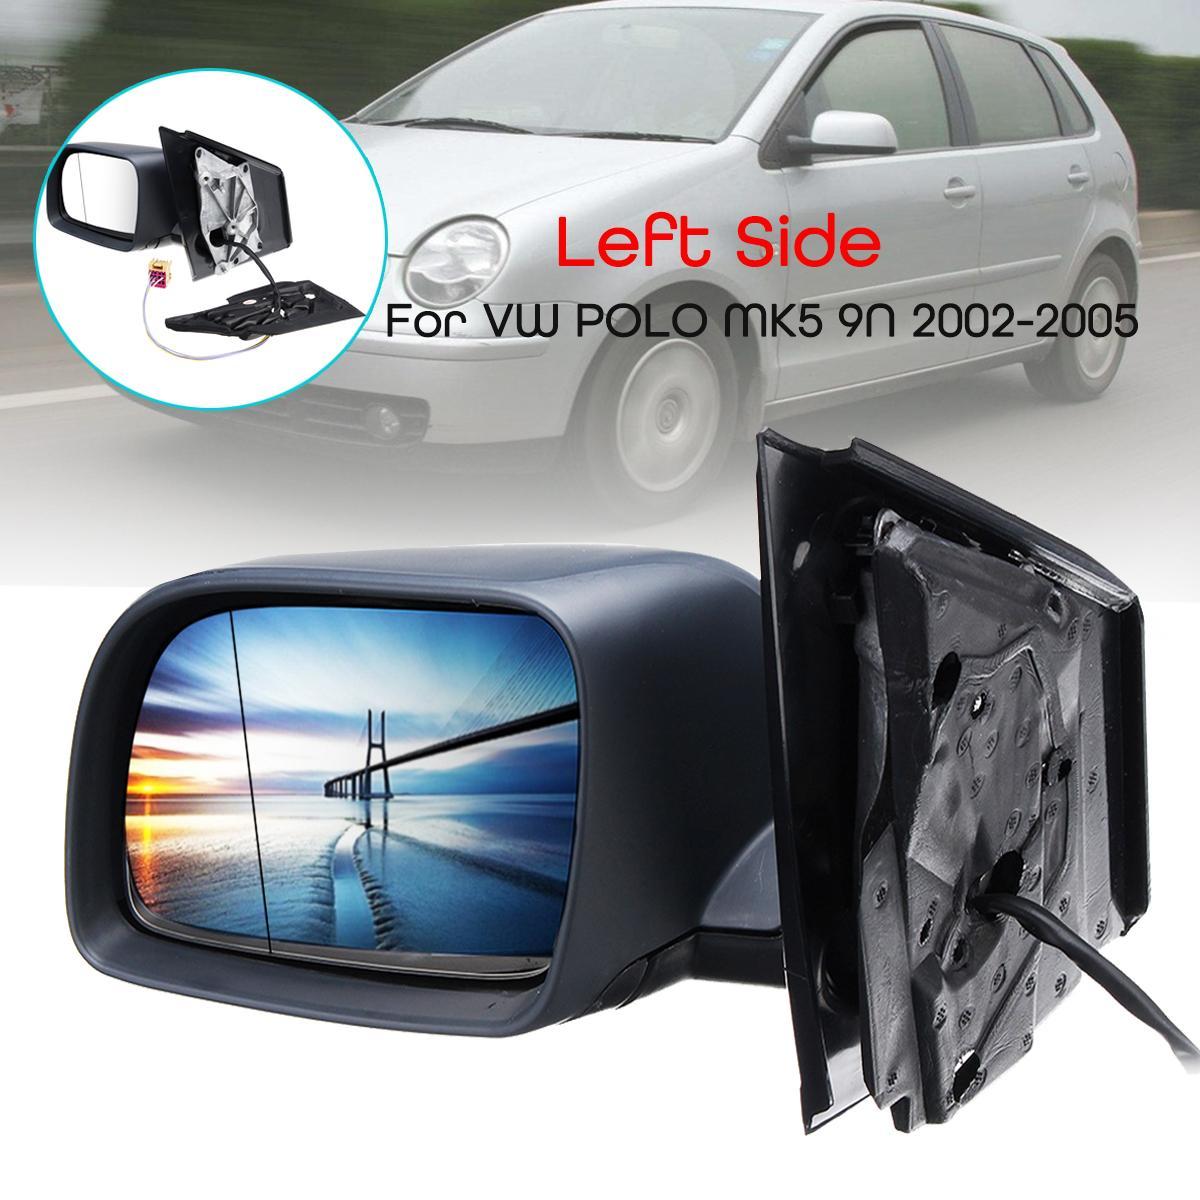 Left Side Volkswagen Polo Door Wing Mirror Replacement Glass 2001-2005